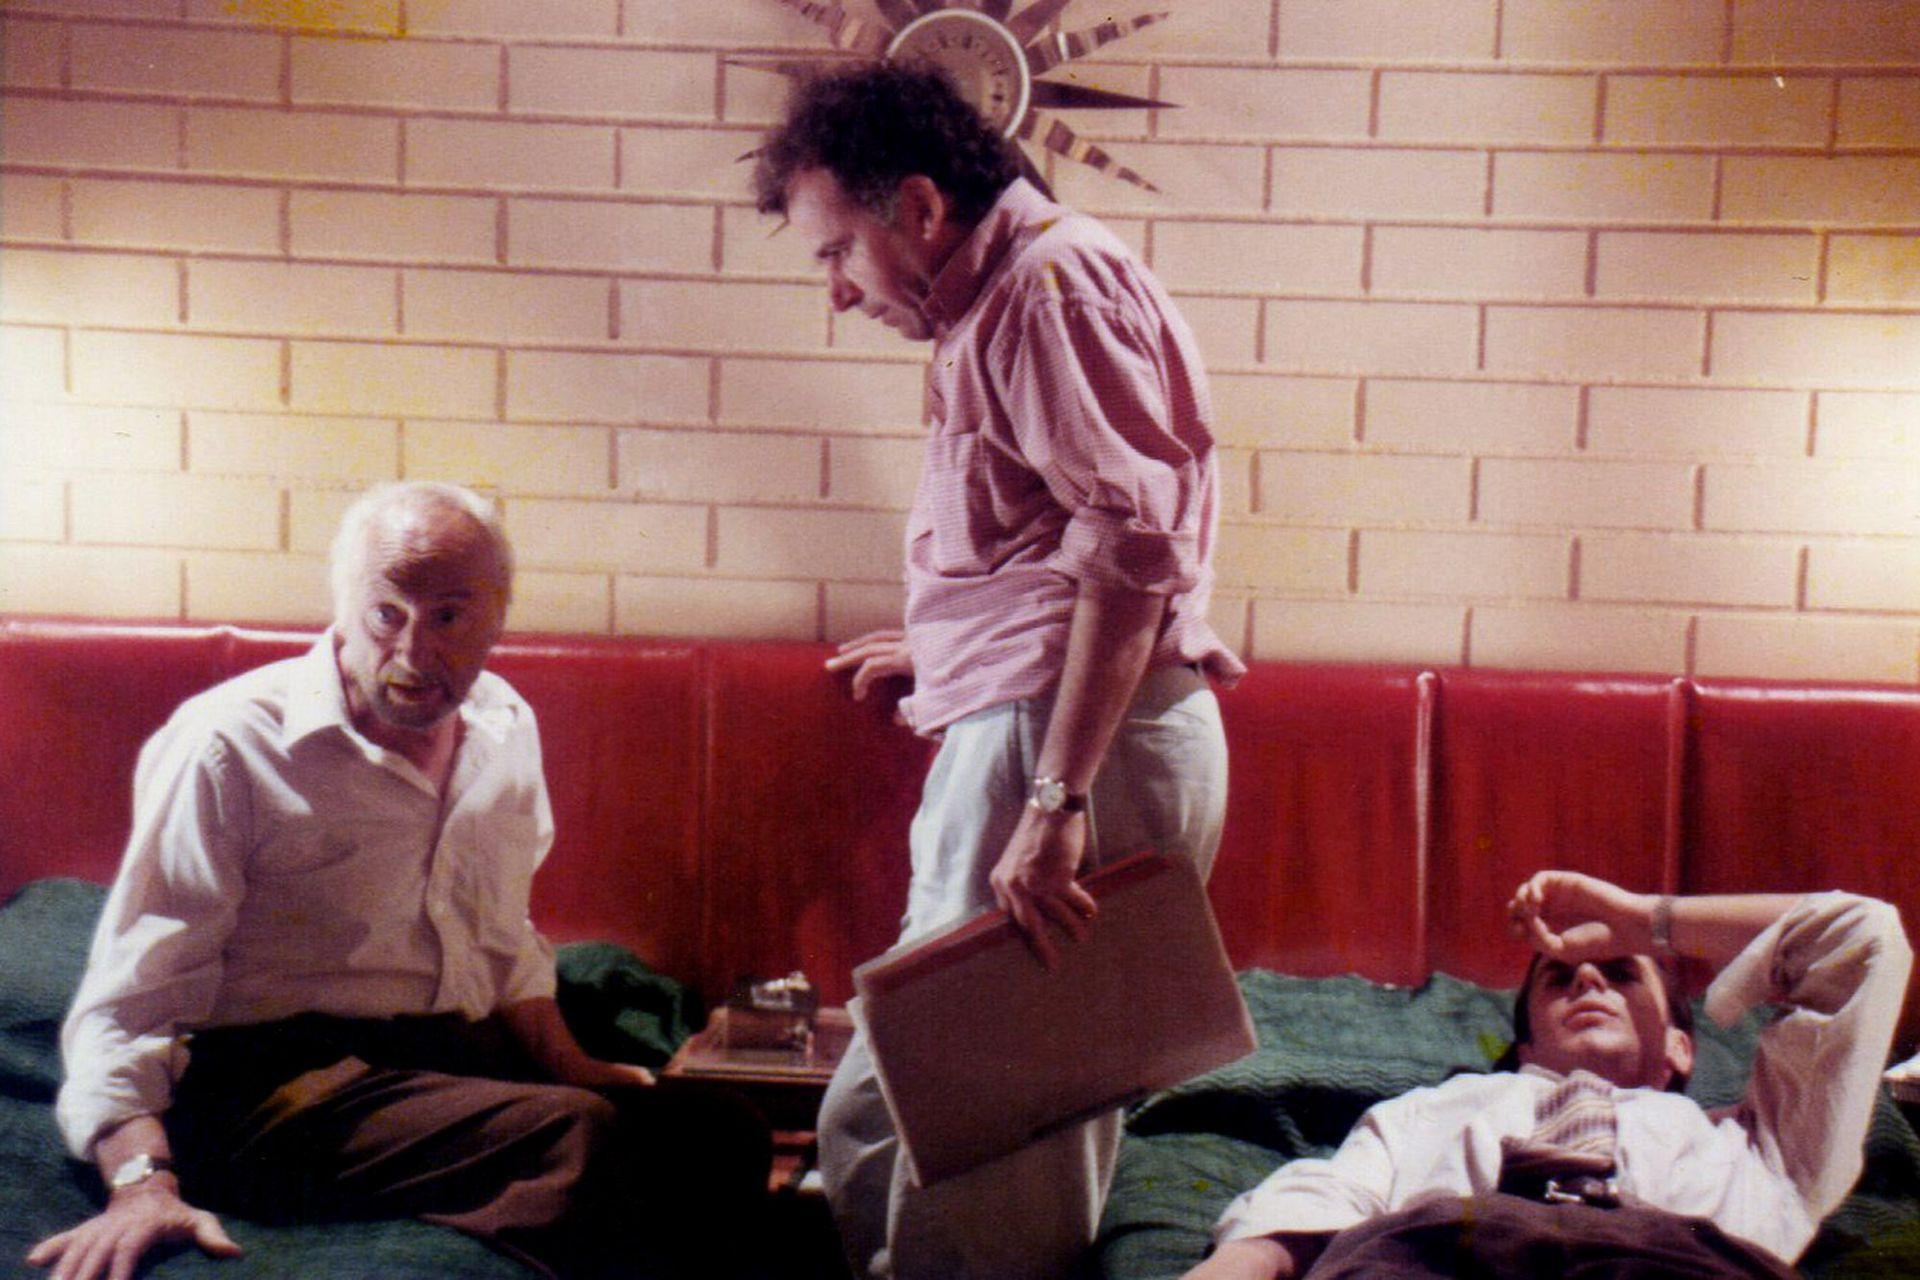 El director da indicaciones a los actores durante el rodaje